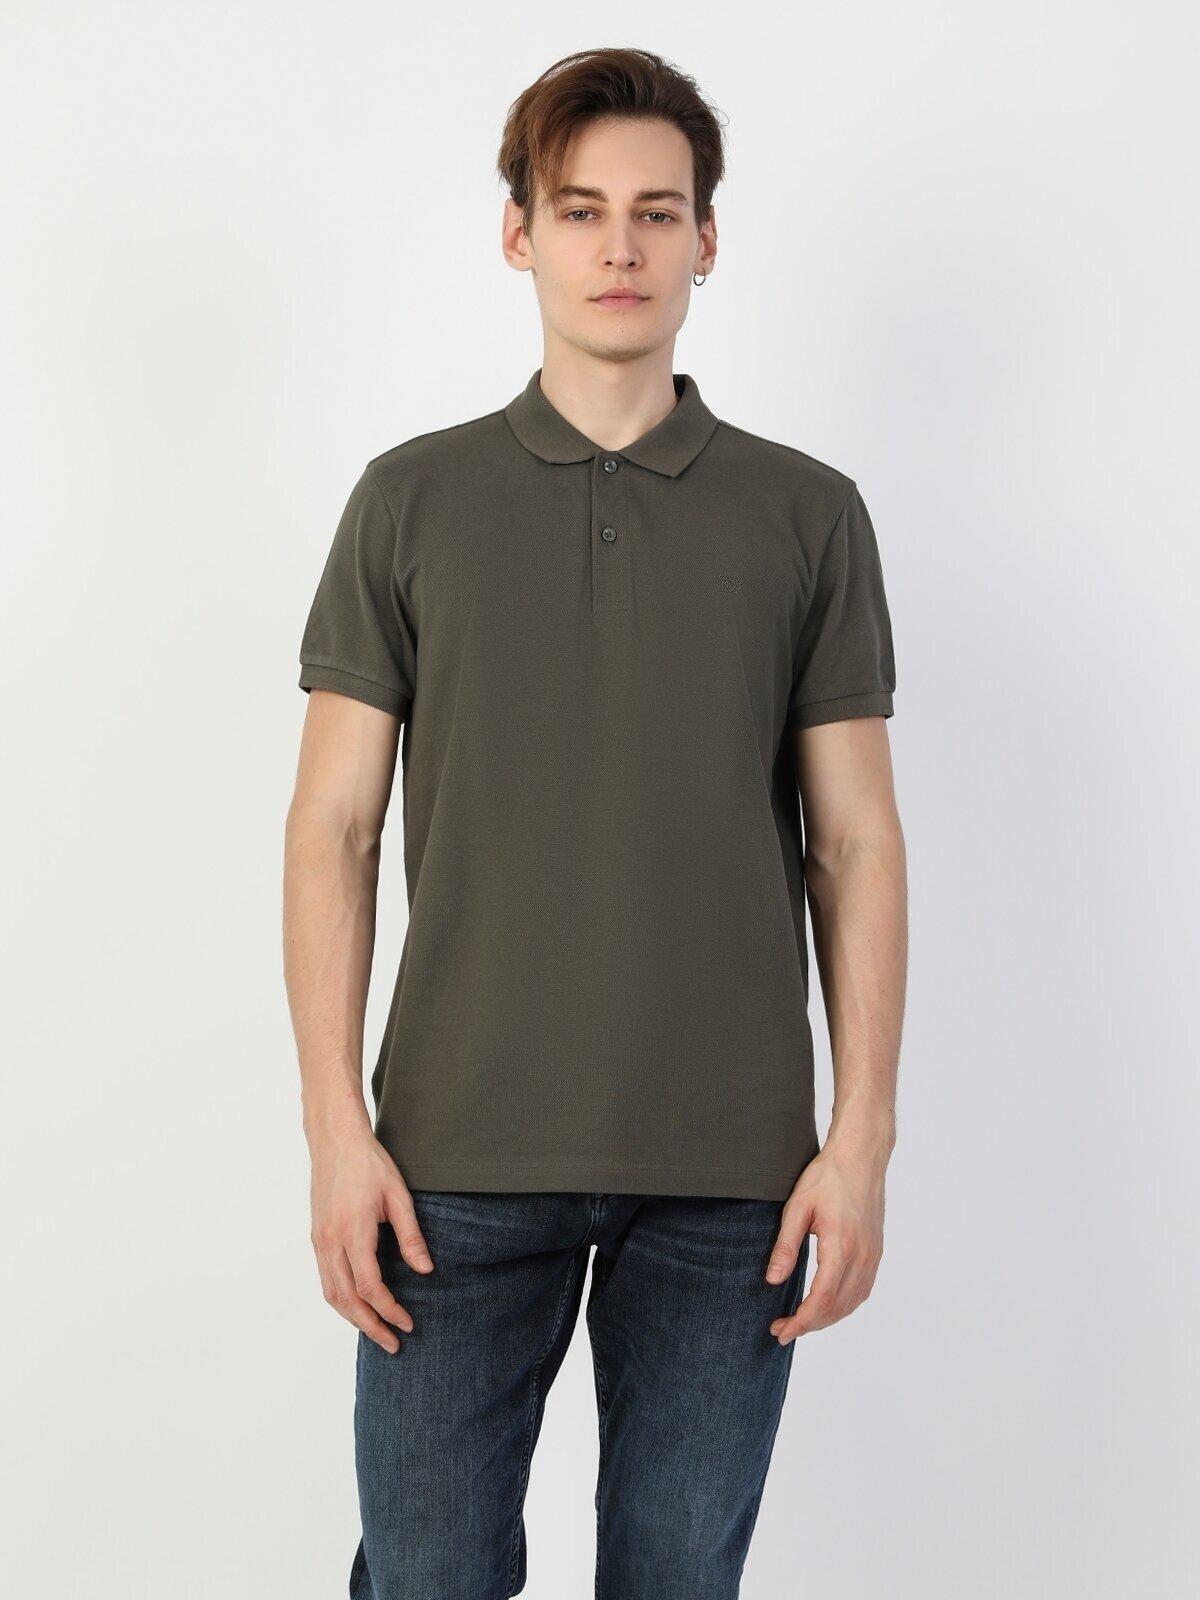 Regular Fit Polo Yaka Erkek Yeşil Erkek Kısa Kol Tişört